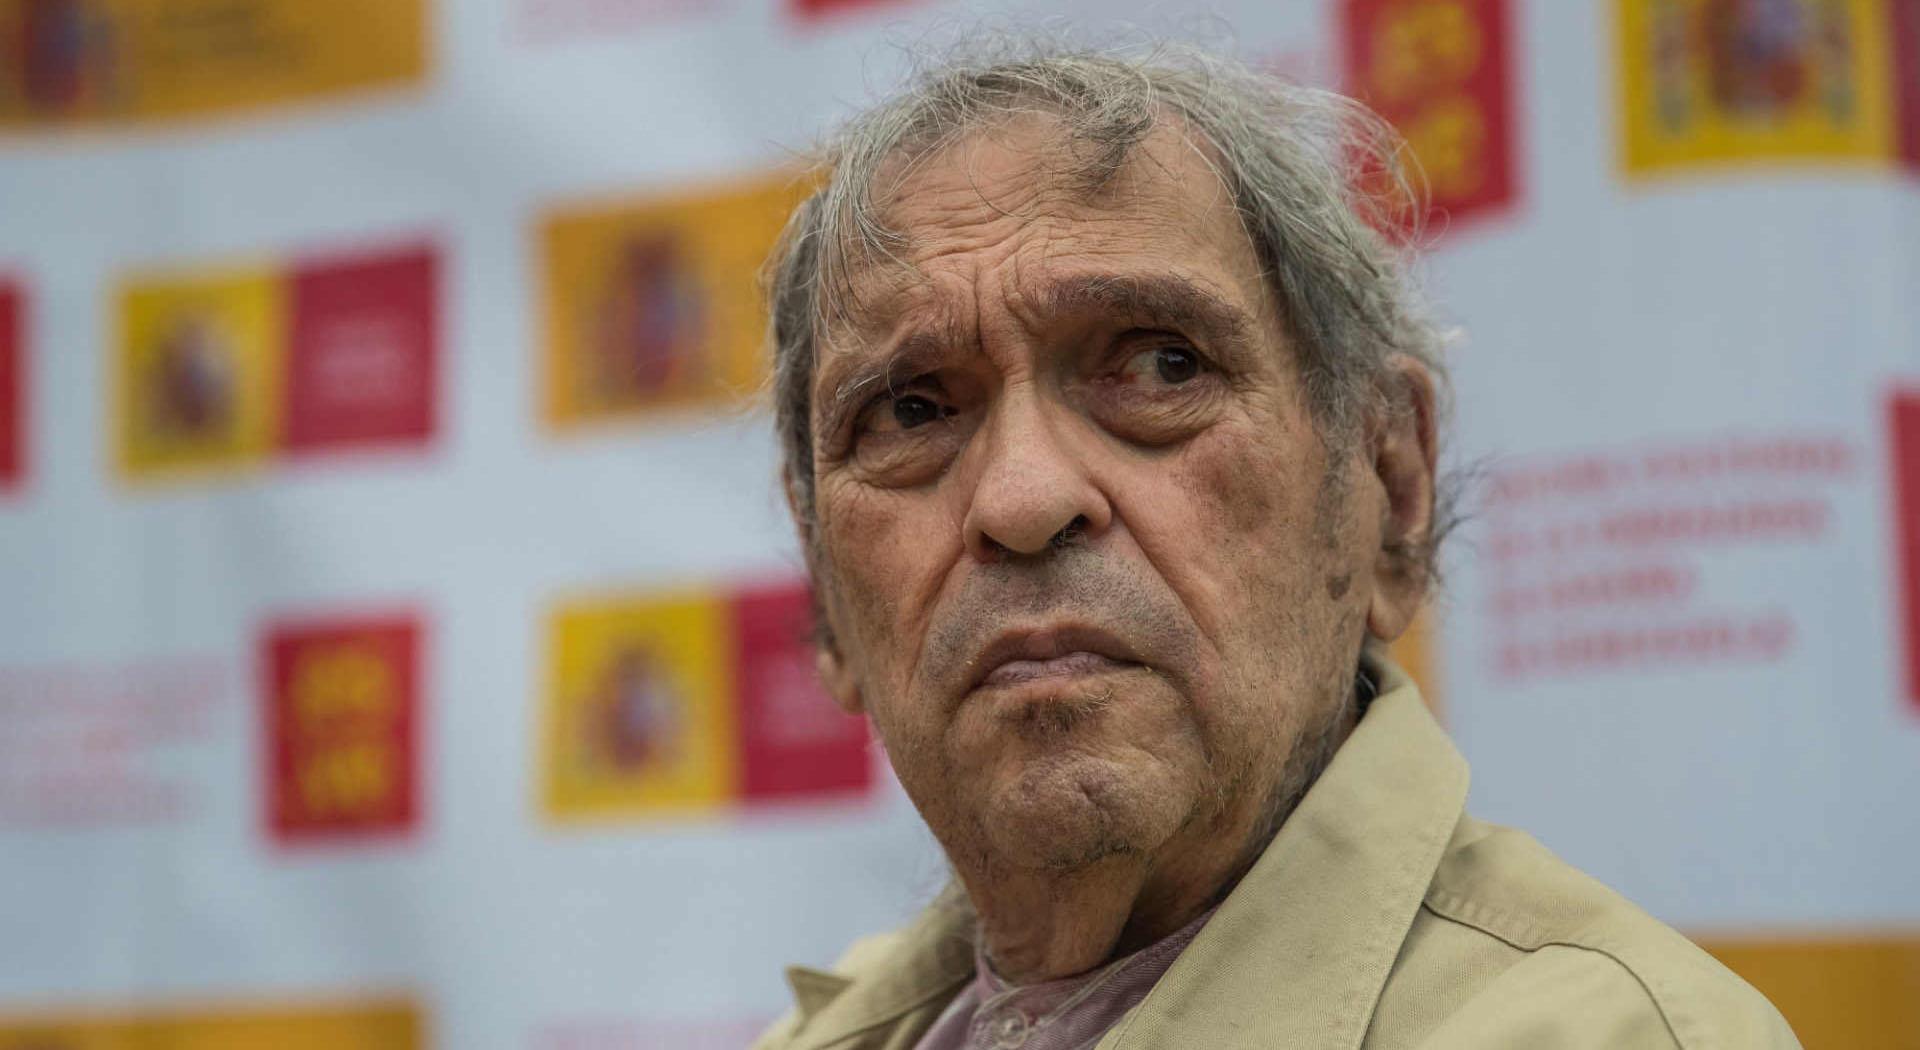 El ensayista, Rafael Cadenas, recibirá la distinción este martes 22 de octubre en la Universidad de Salamanca en España